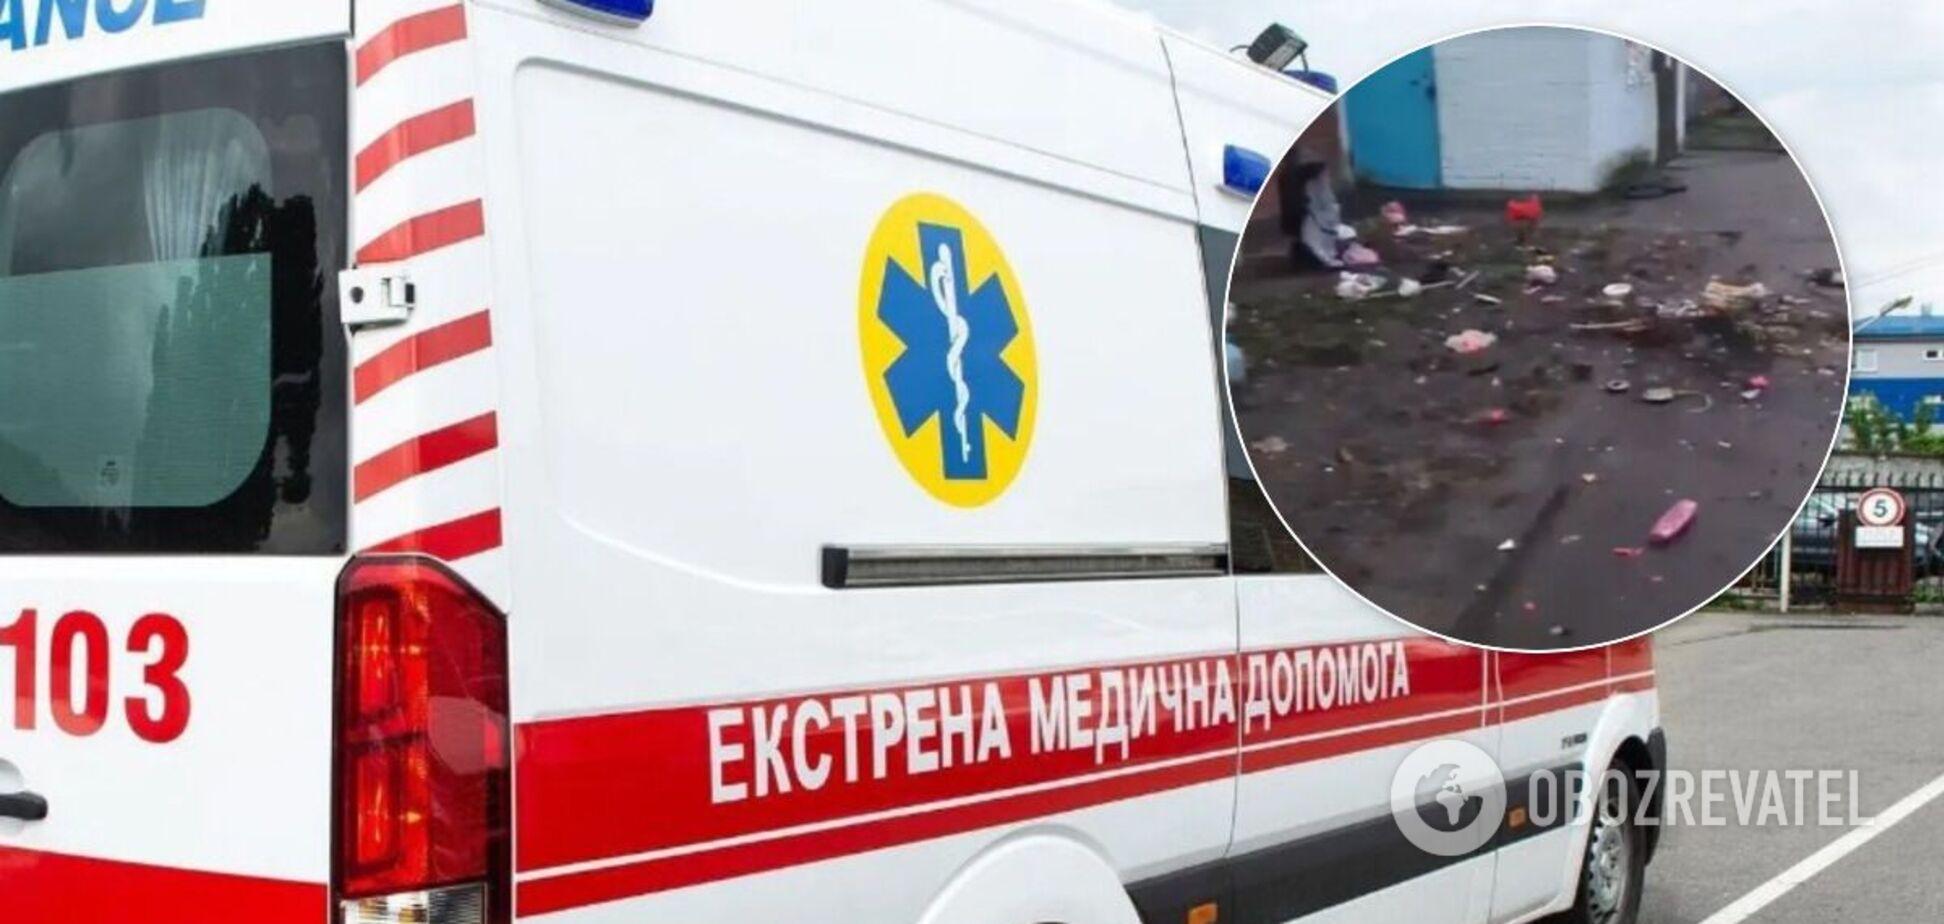 Викинутого з вікна у Києві хлопчика переведуть з реанімації